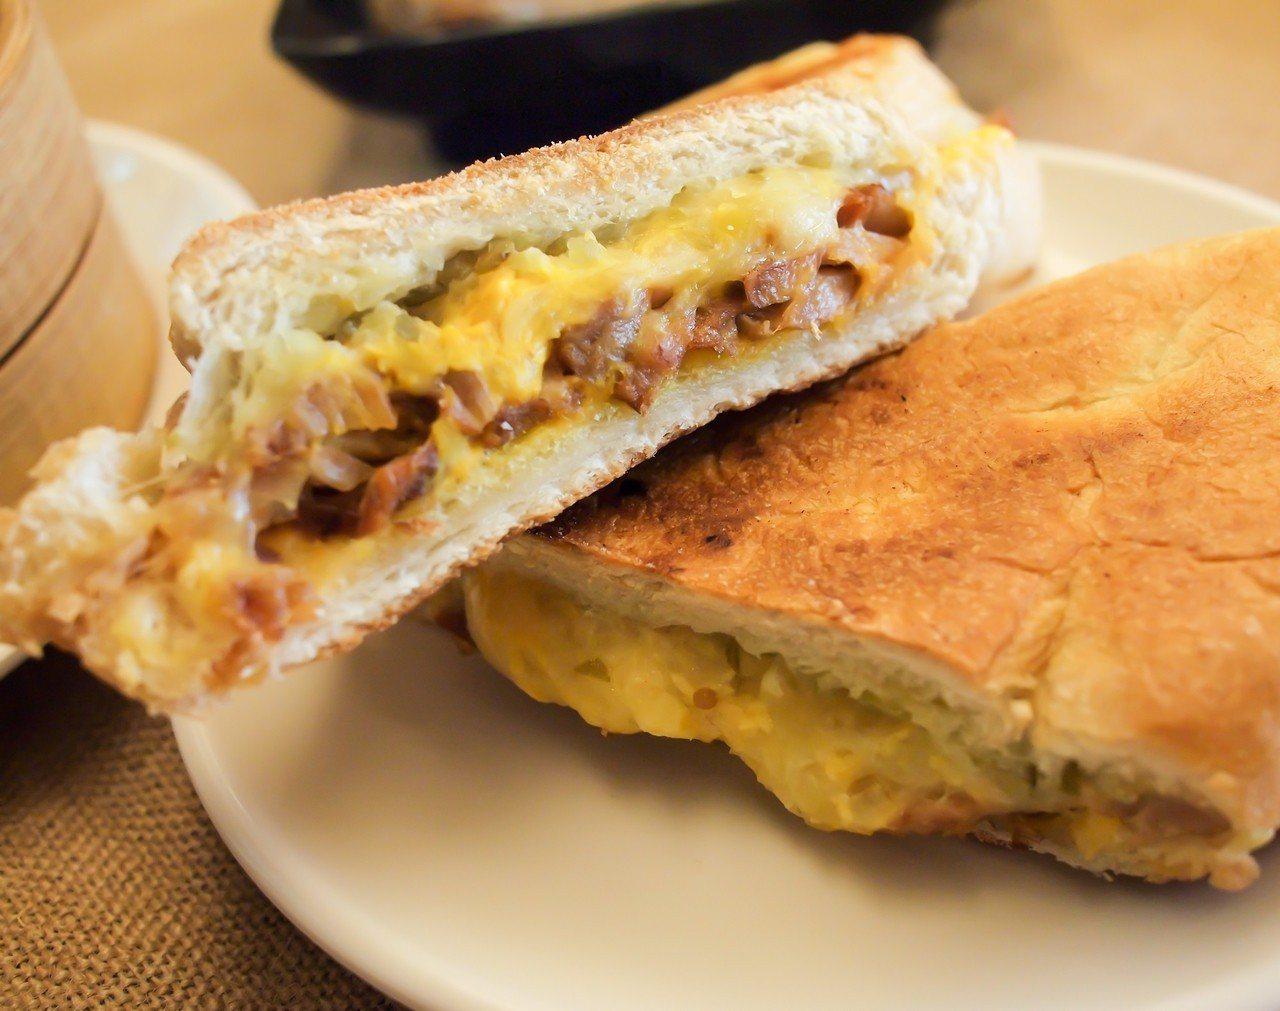 (圖/台灣旅行趣) ▲熱壓三明治的美味,對宵夜來說真的是太過奢華了也說不定。